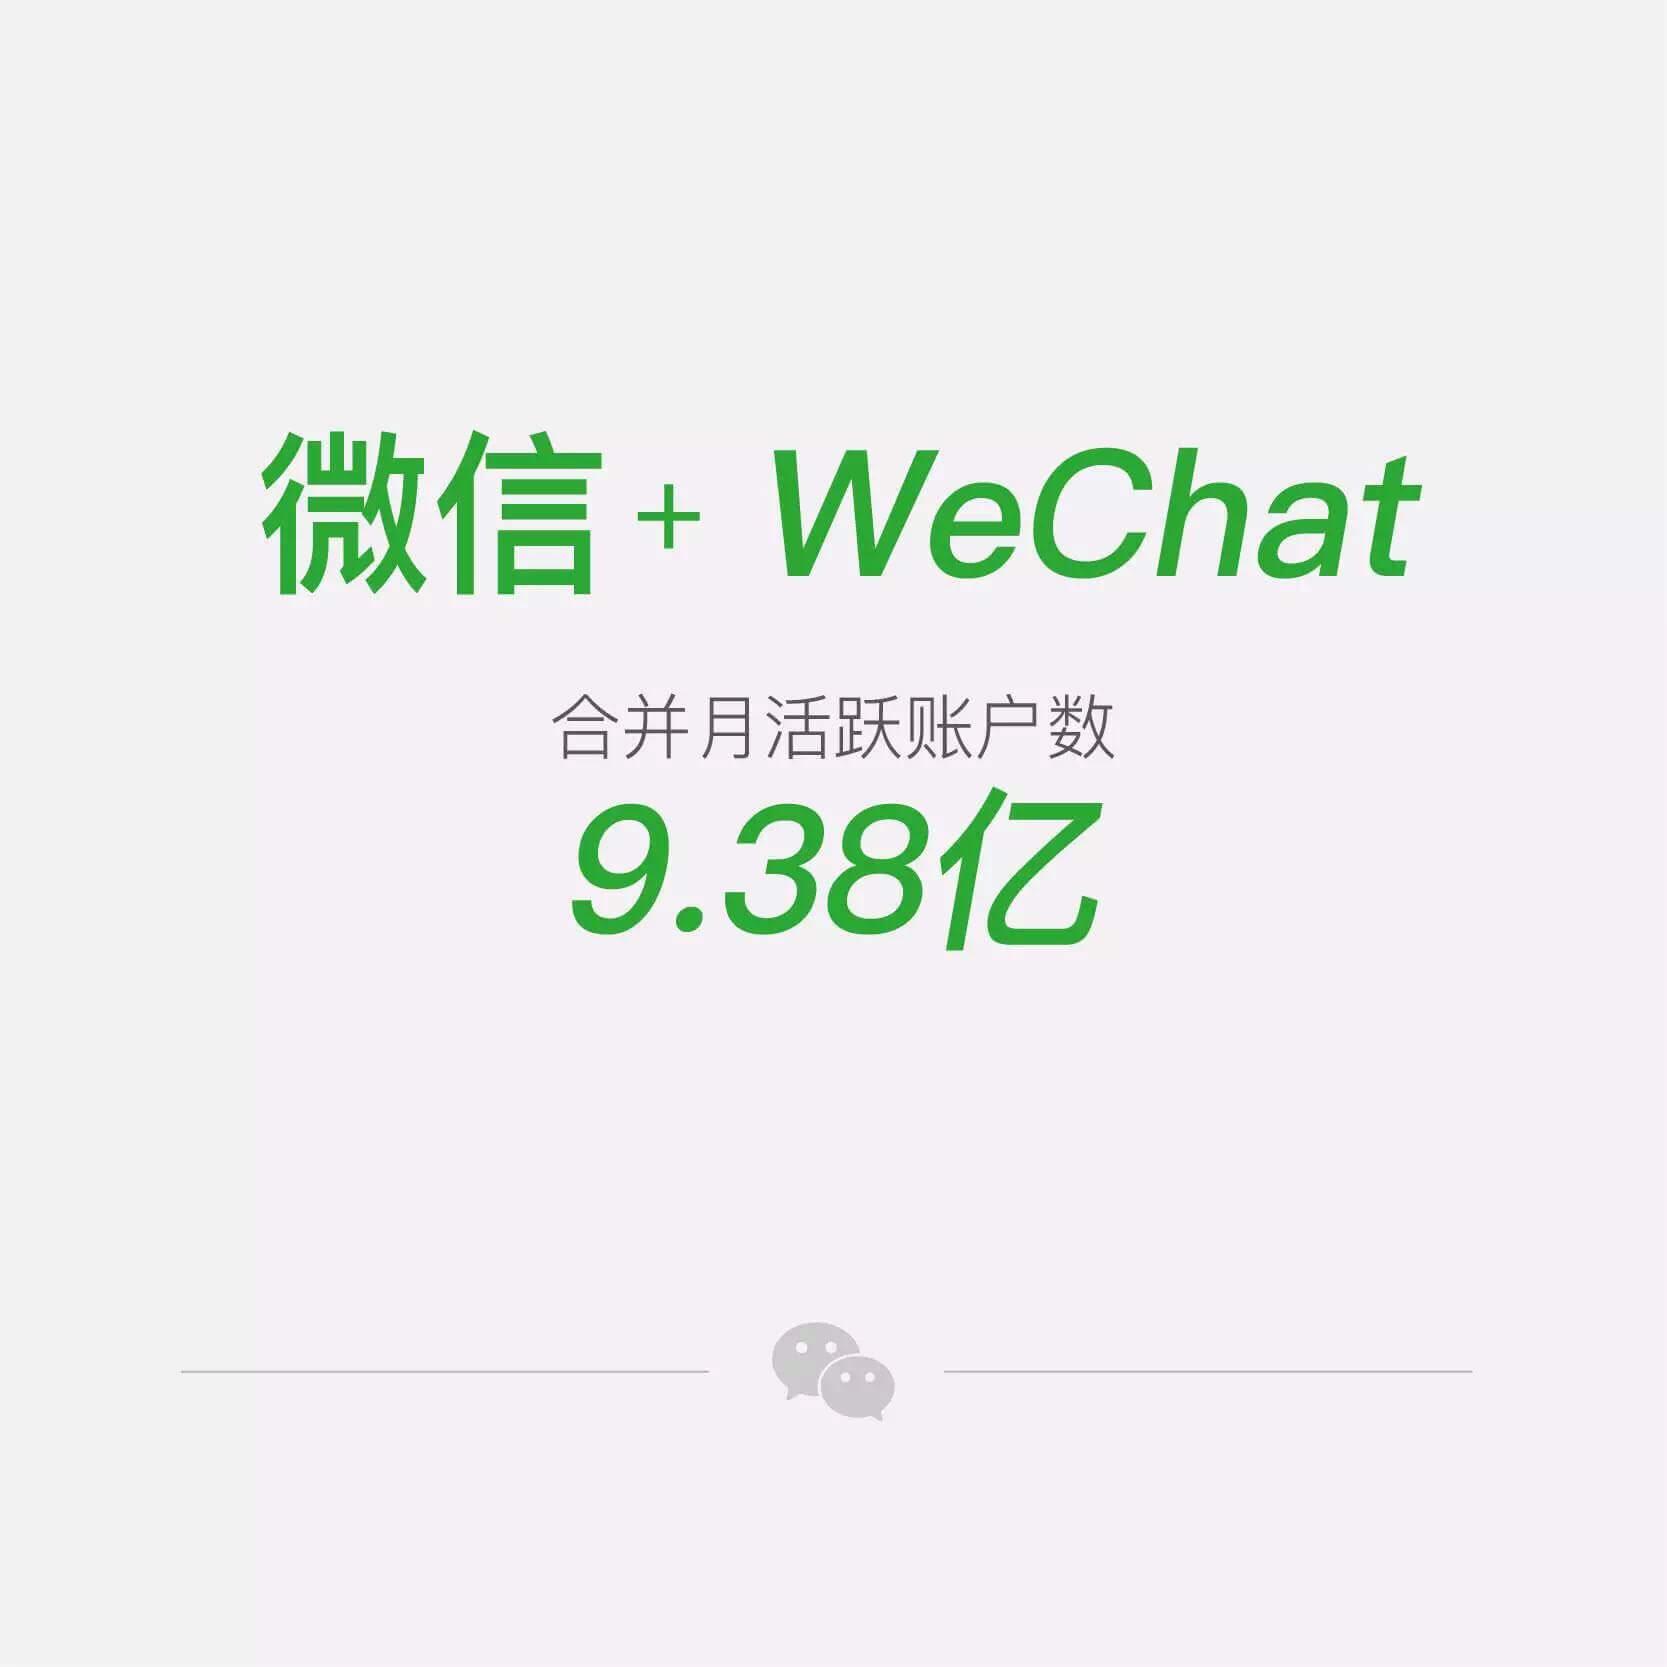 WeChat 03